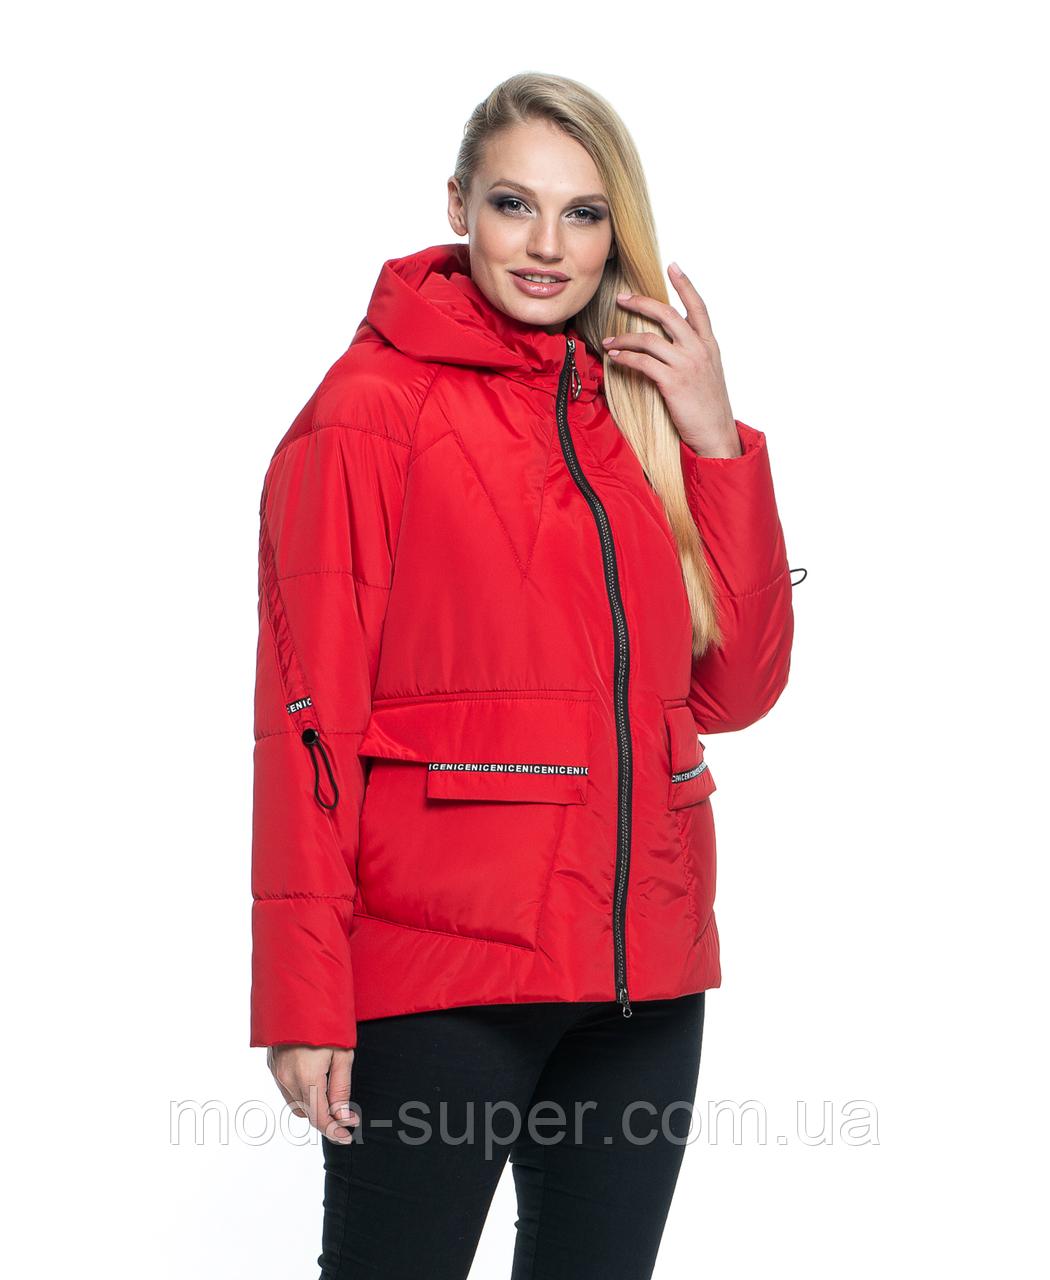 Куртка женская с капюшоном от производителя рр 44-56